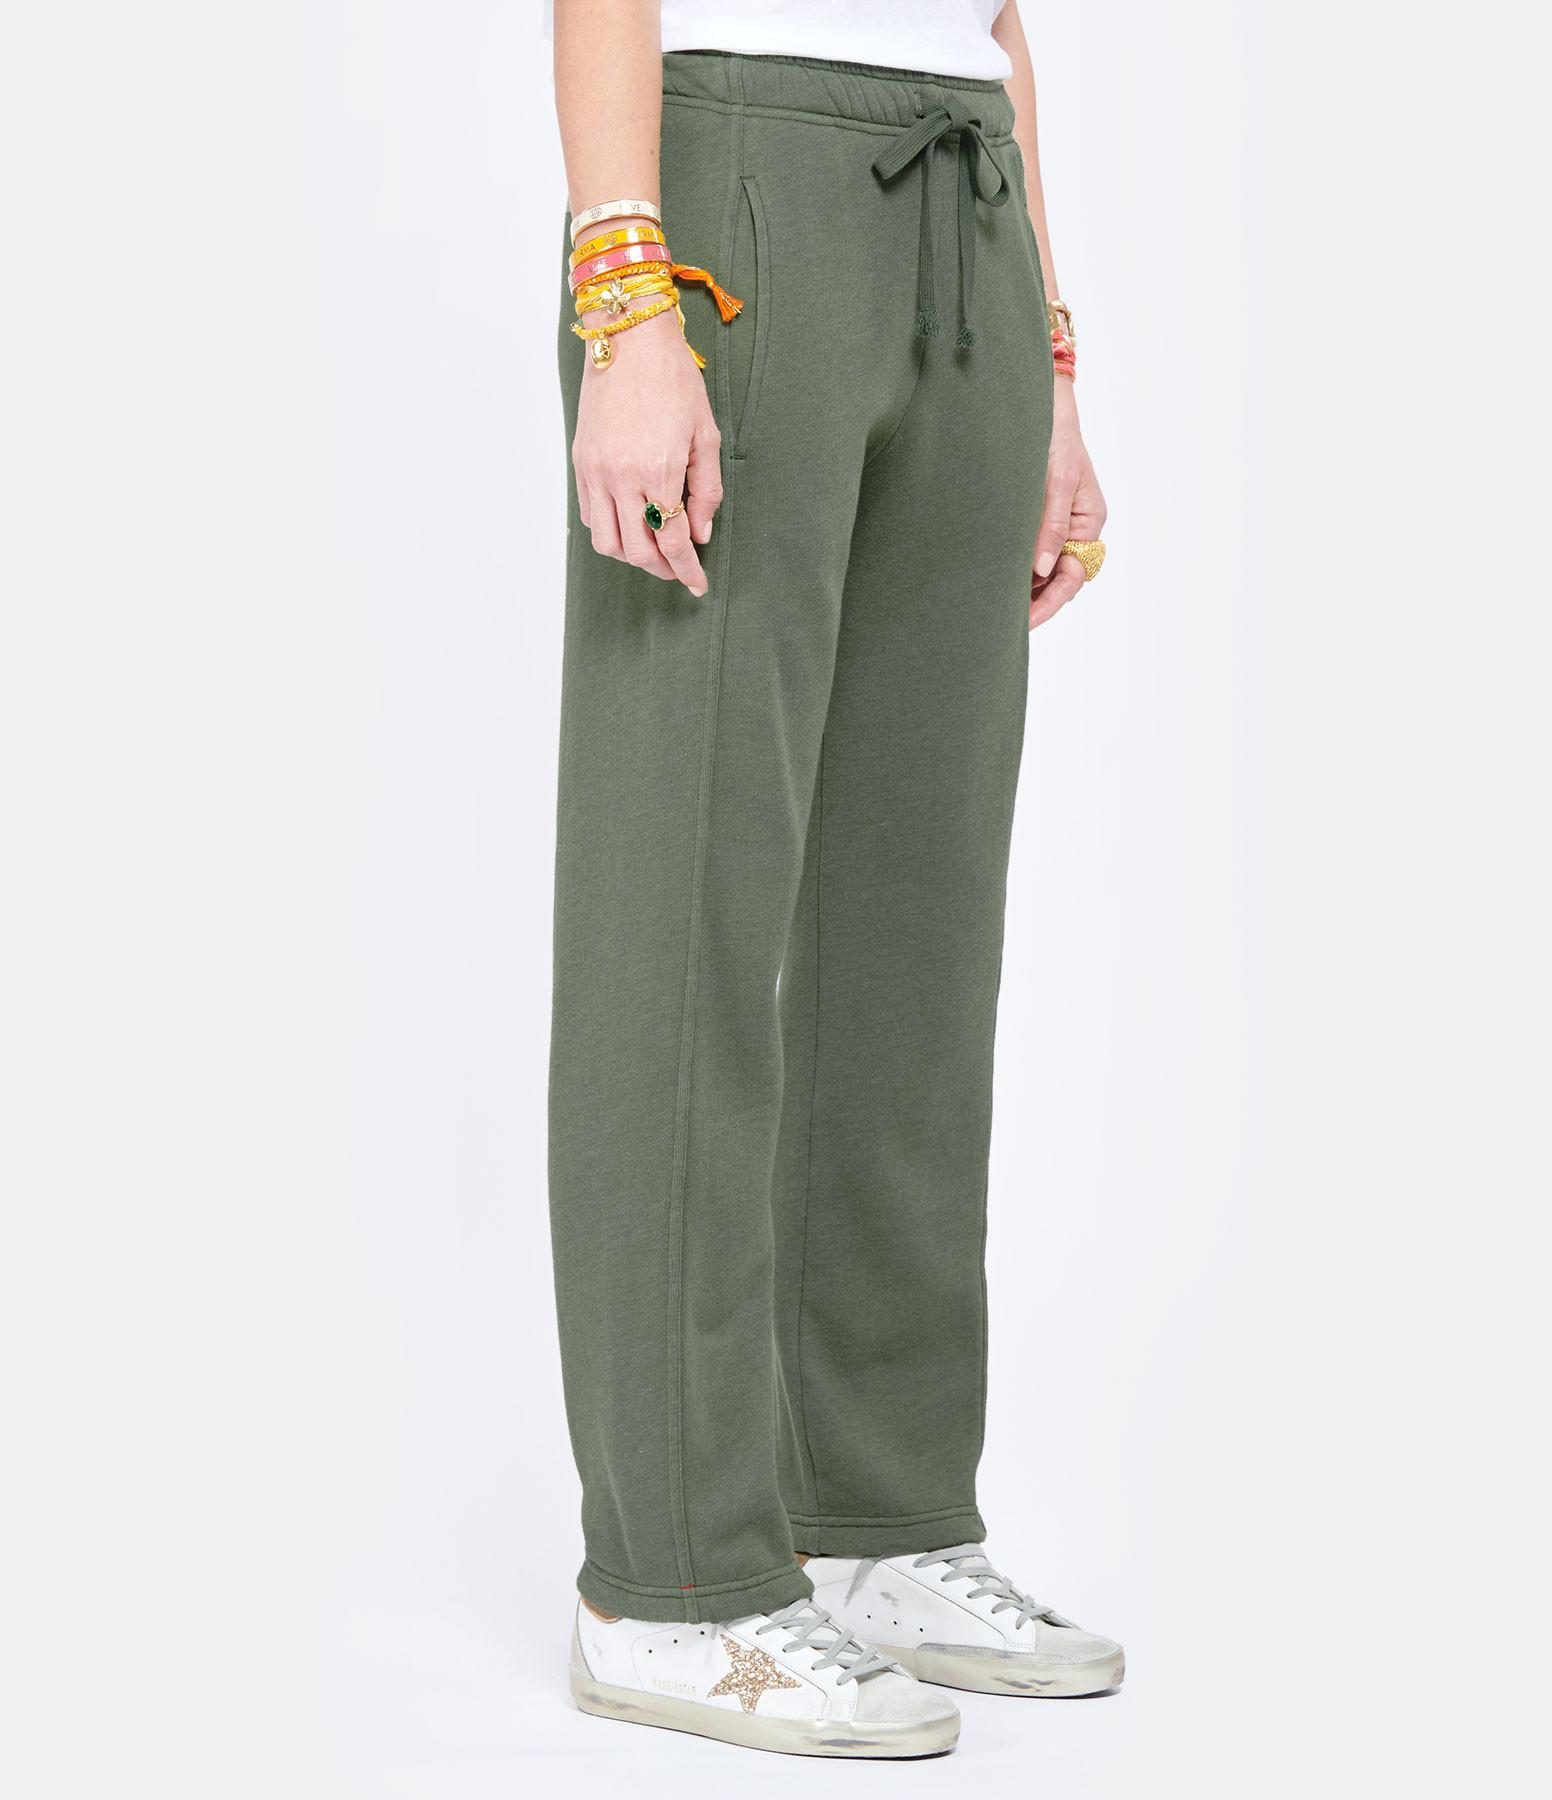 XIRENA - Pantalon Adler Vert